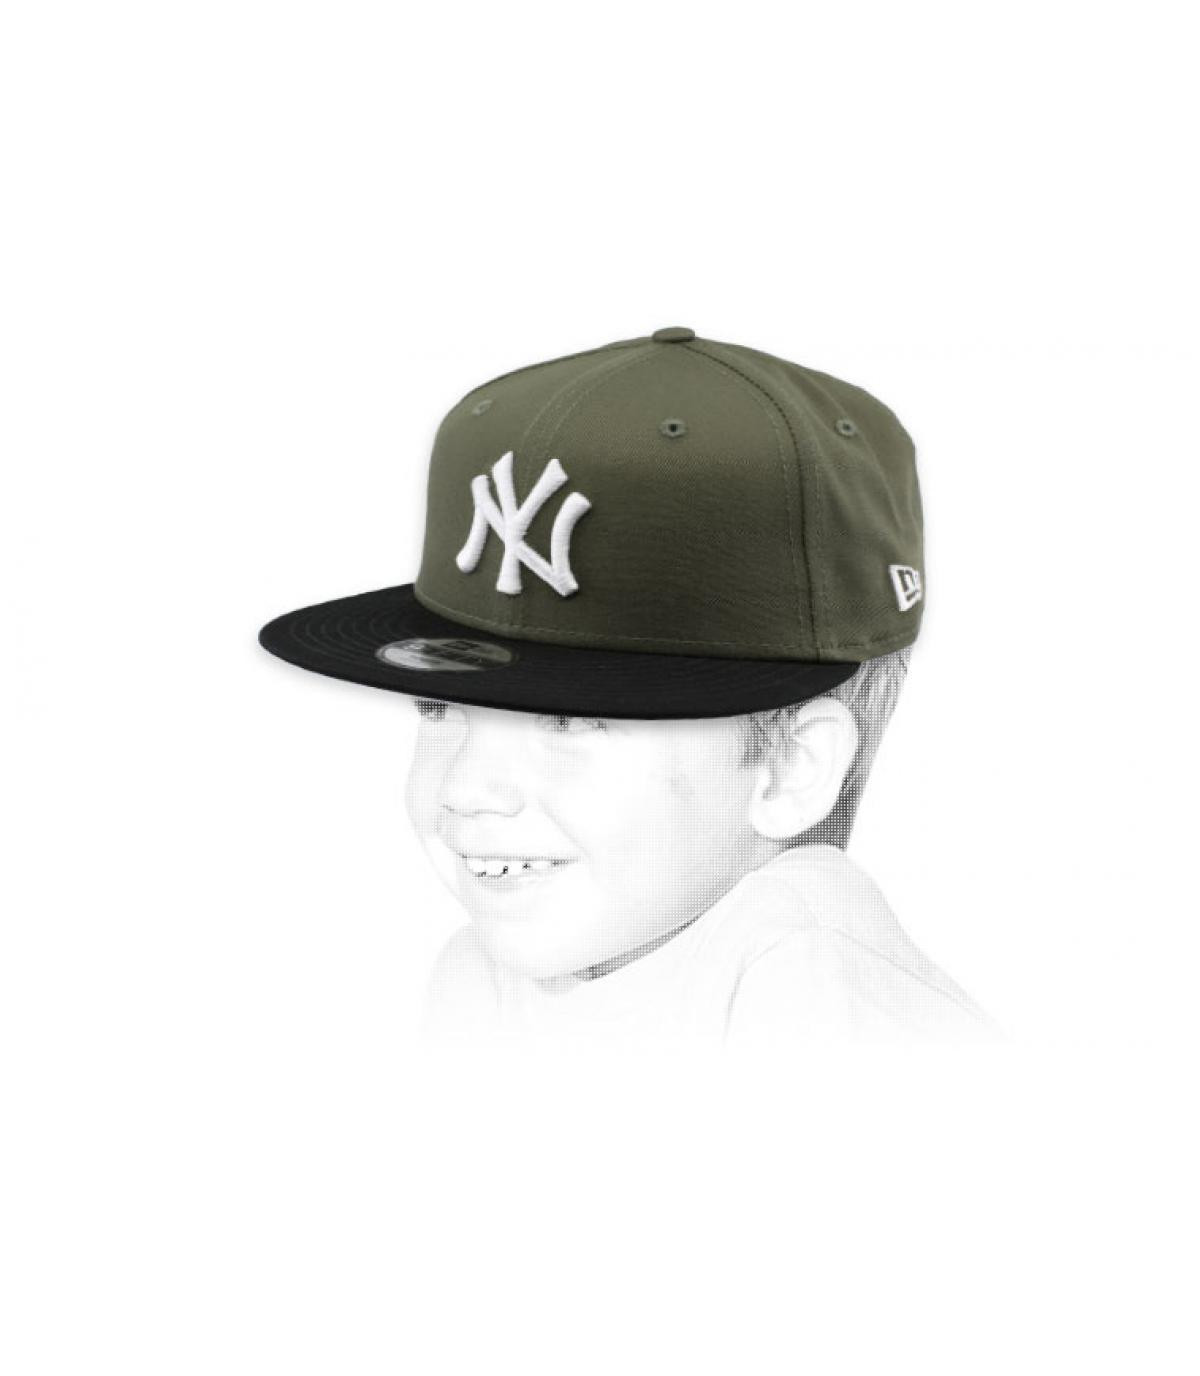 cappellino bambino NY verde nero